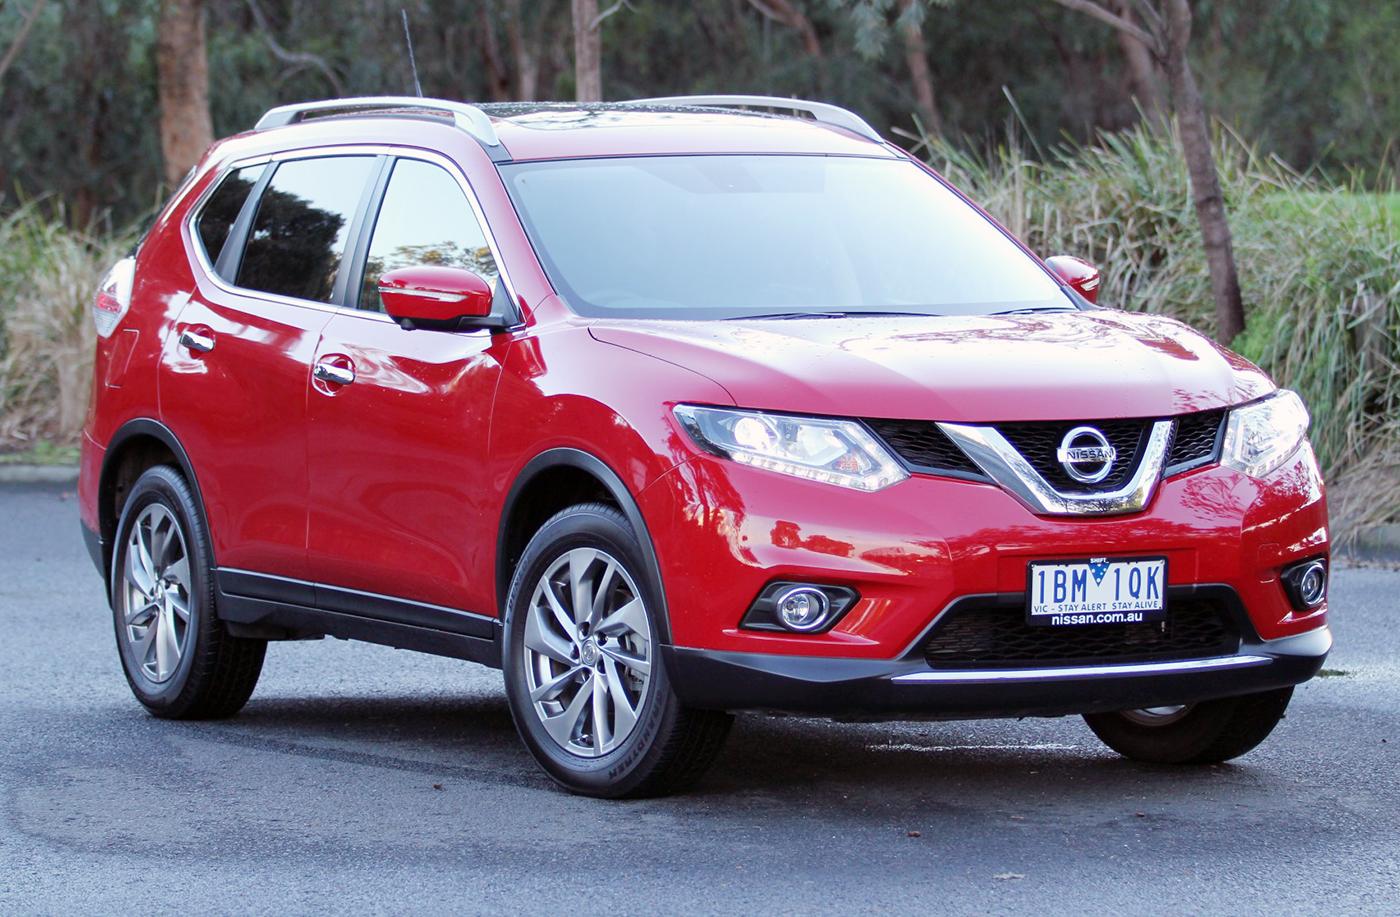 2014 Nissan X-Trail Review: Ti AWD